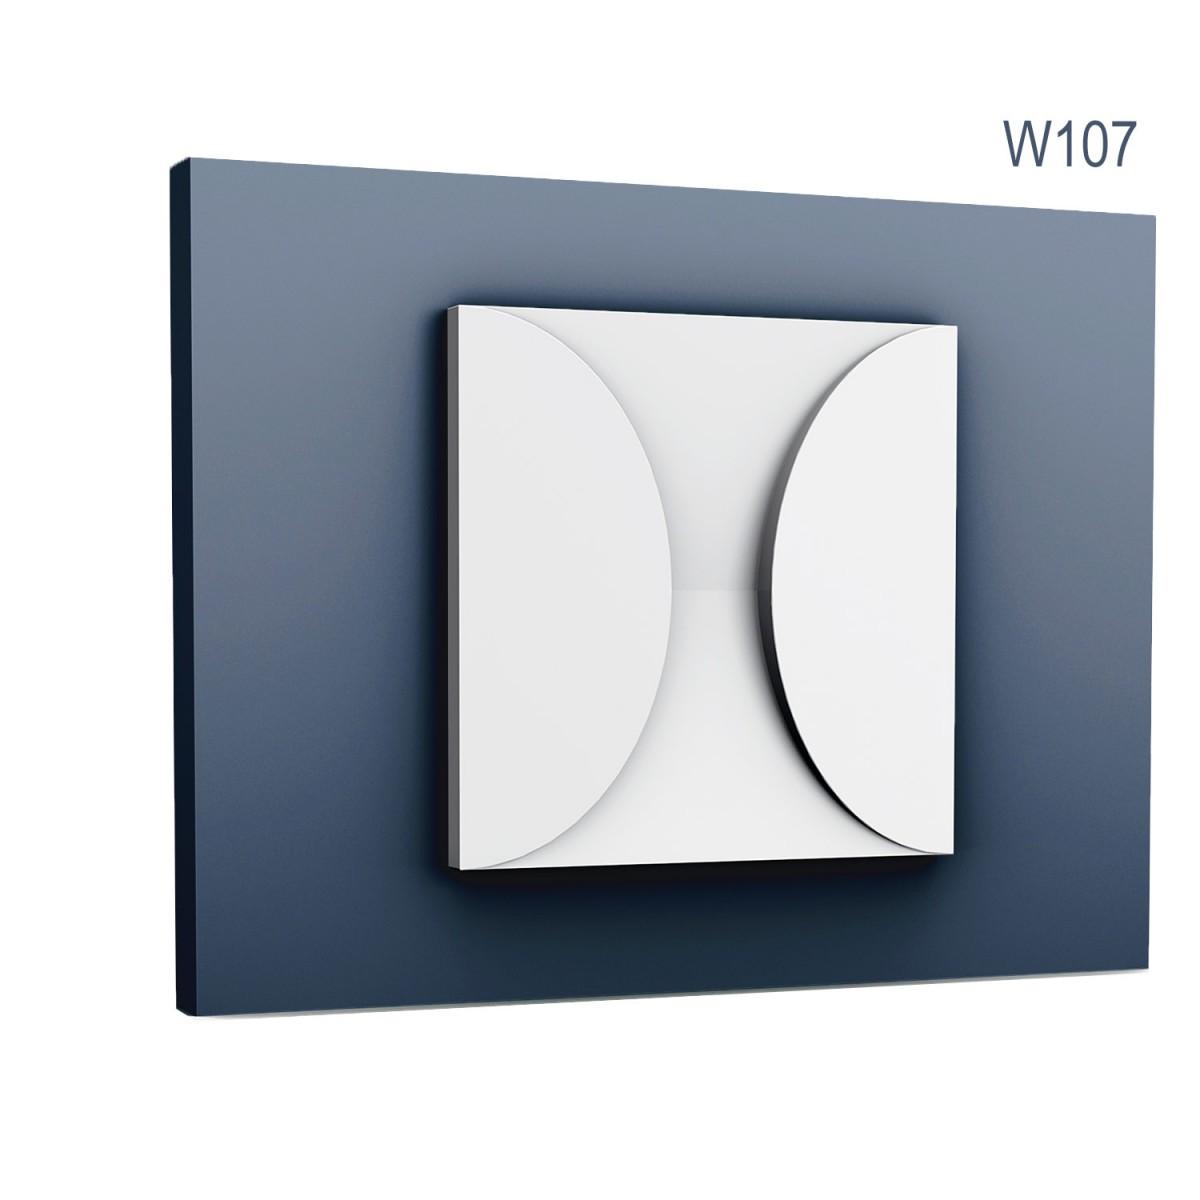 Panel Modern W107, Dimensiuni: 33.3 X 33.3 X 2.9 cm, Orac Decor